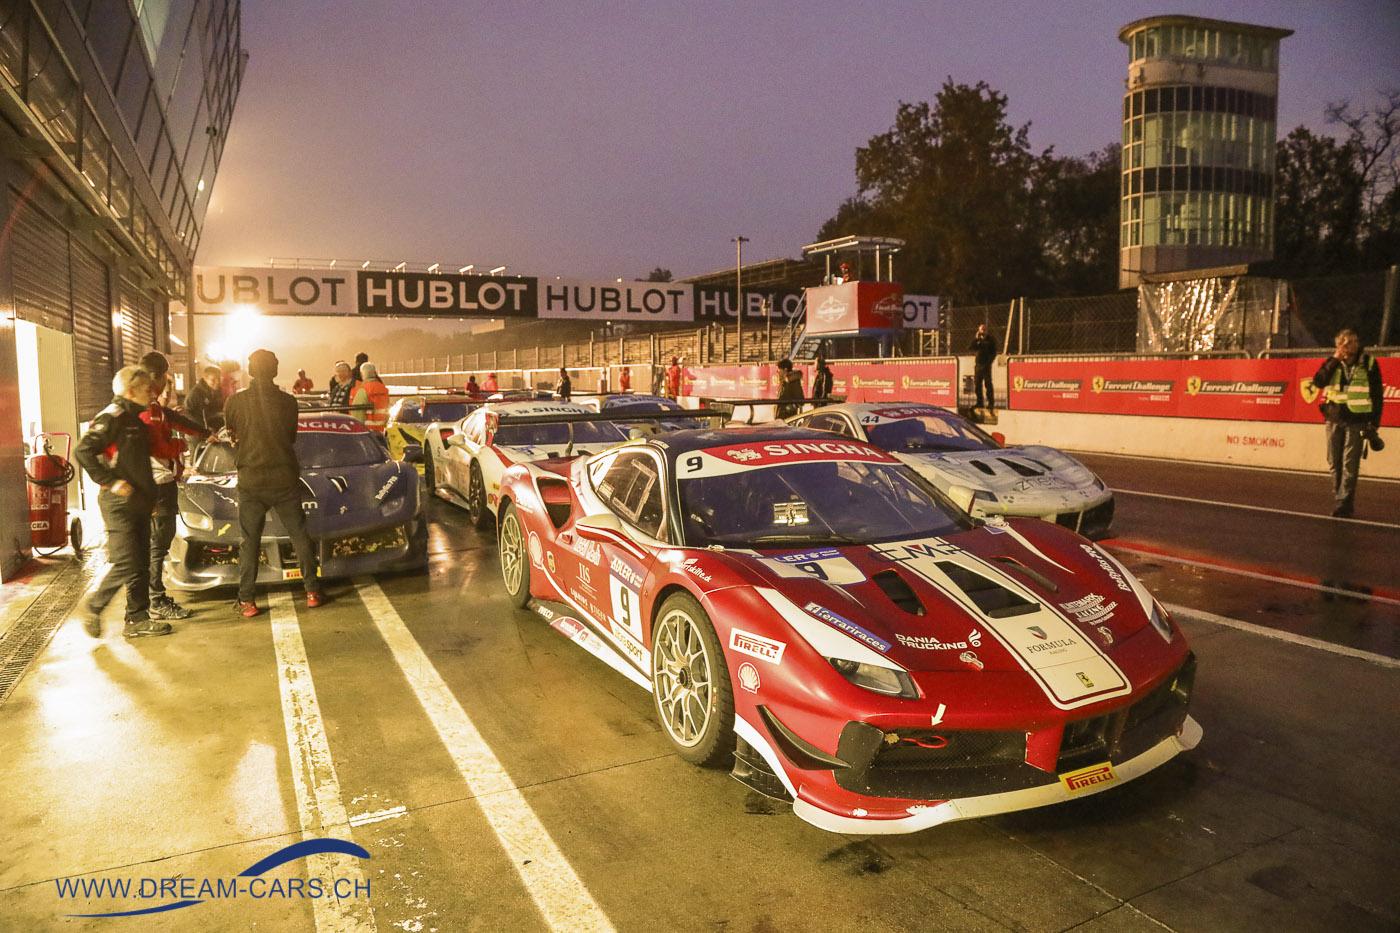 Ferrari Challenge 2018 in Monza